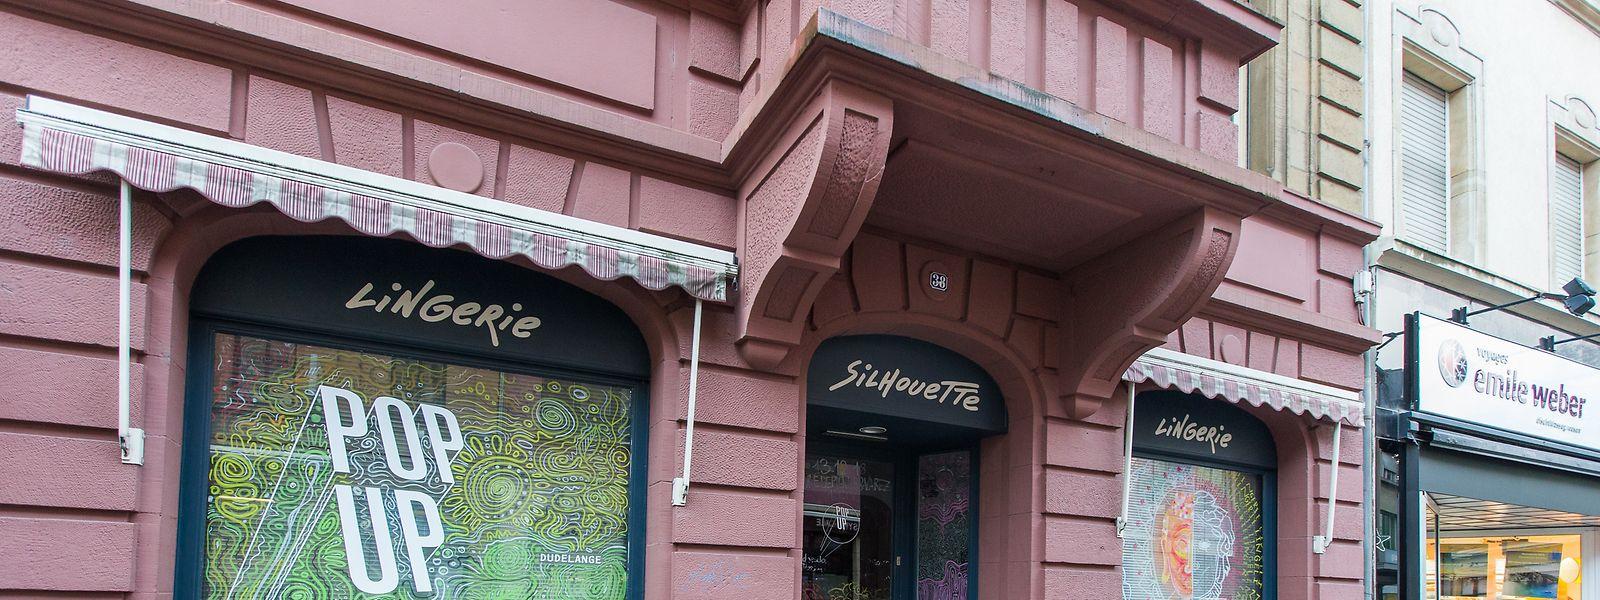 Im Geschäftslokal der ehemaligen Lingerie Silhouette wurde in den vergangenen Monaten mit neuen Geschäftsideen geworben. Dies war nicht nur ein Gewinn für das Stadtbild, sondern förderte zudem den lokalen Zusammenhalt.